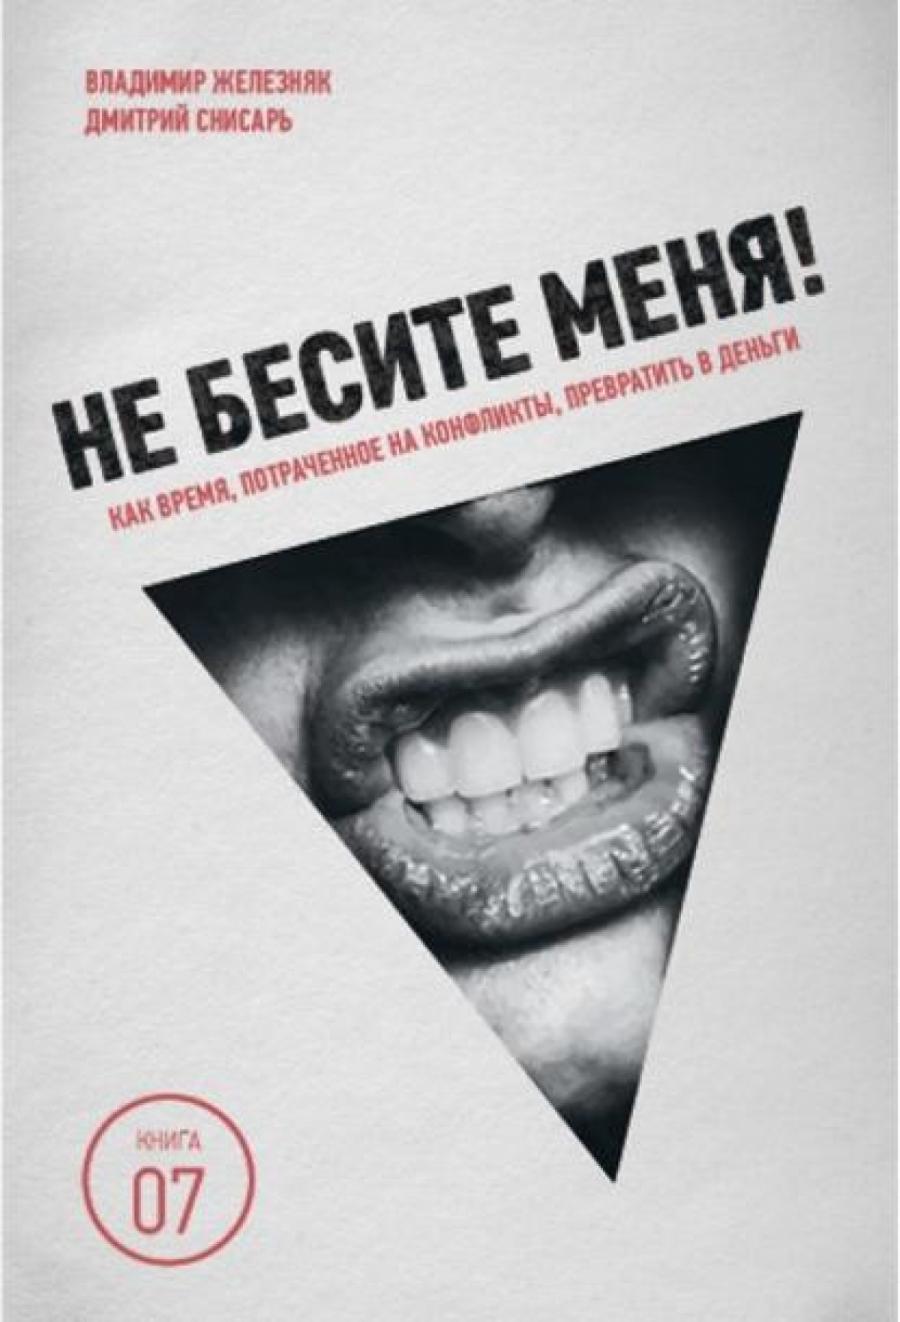 Обложка книги:  владимир железняк, дмитрий снисарь - не бесите меня! как время, потраченное на конфликты, превратить в деньги